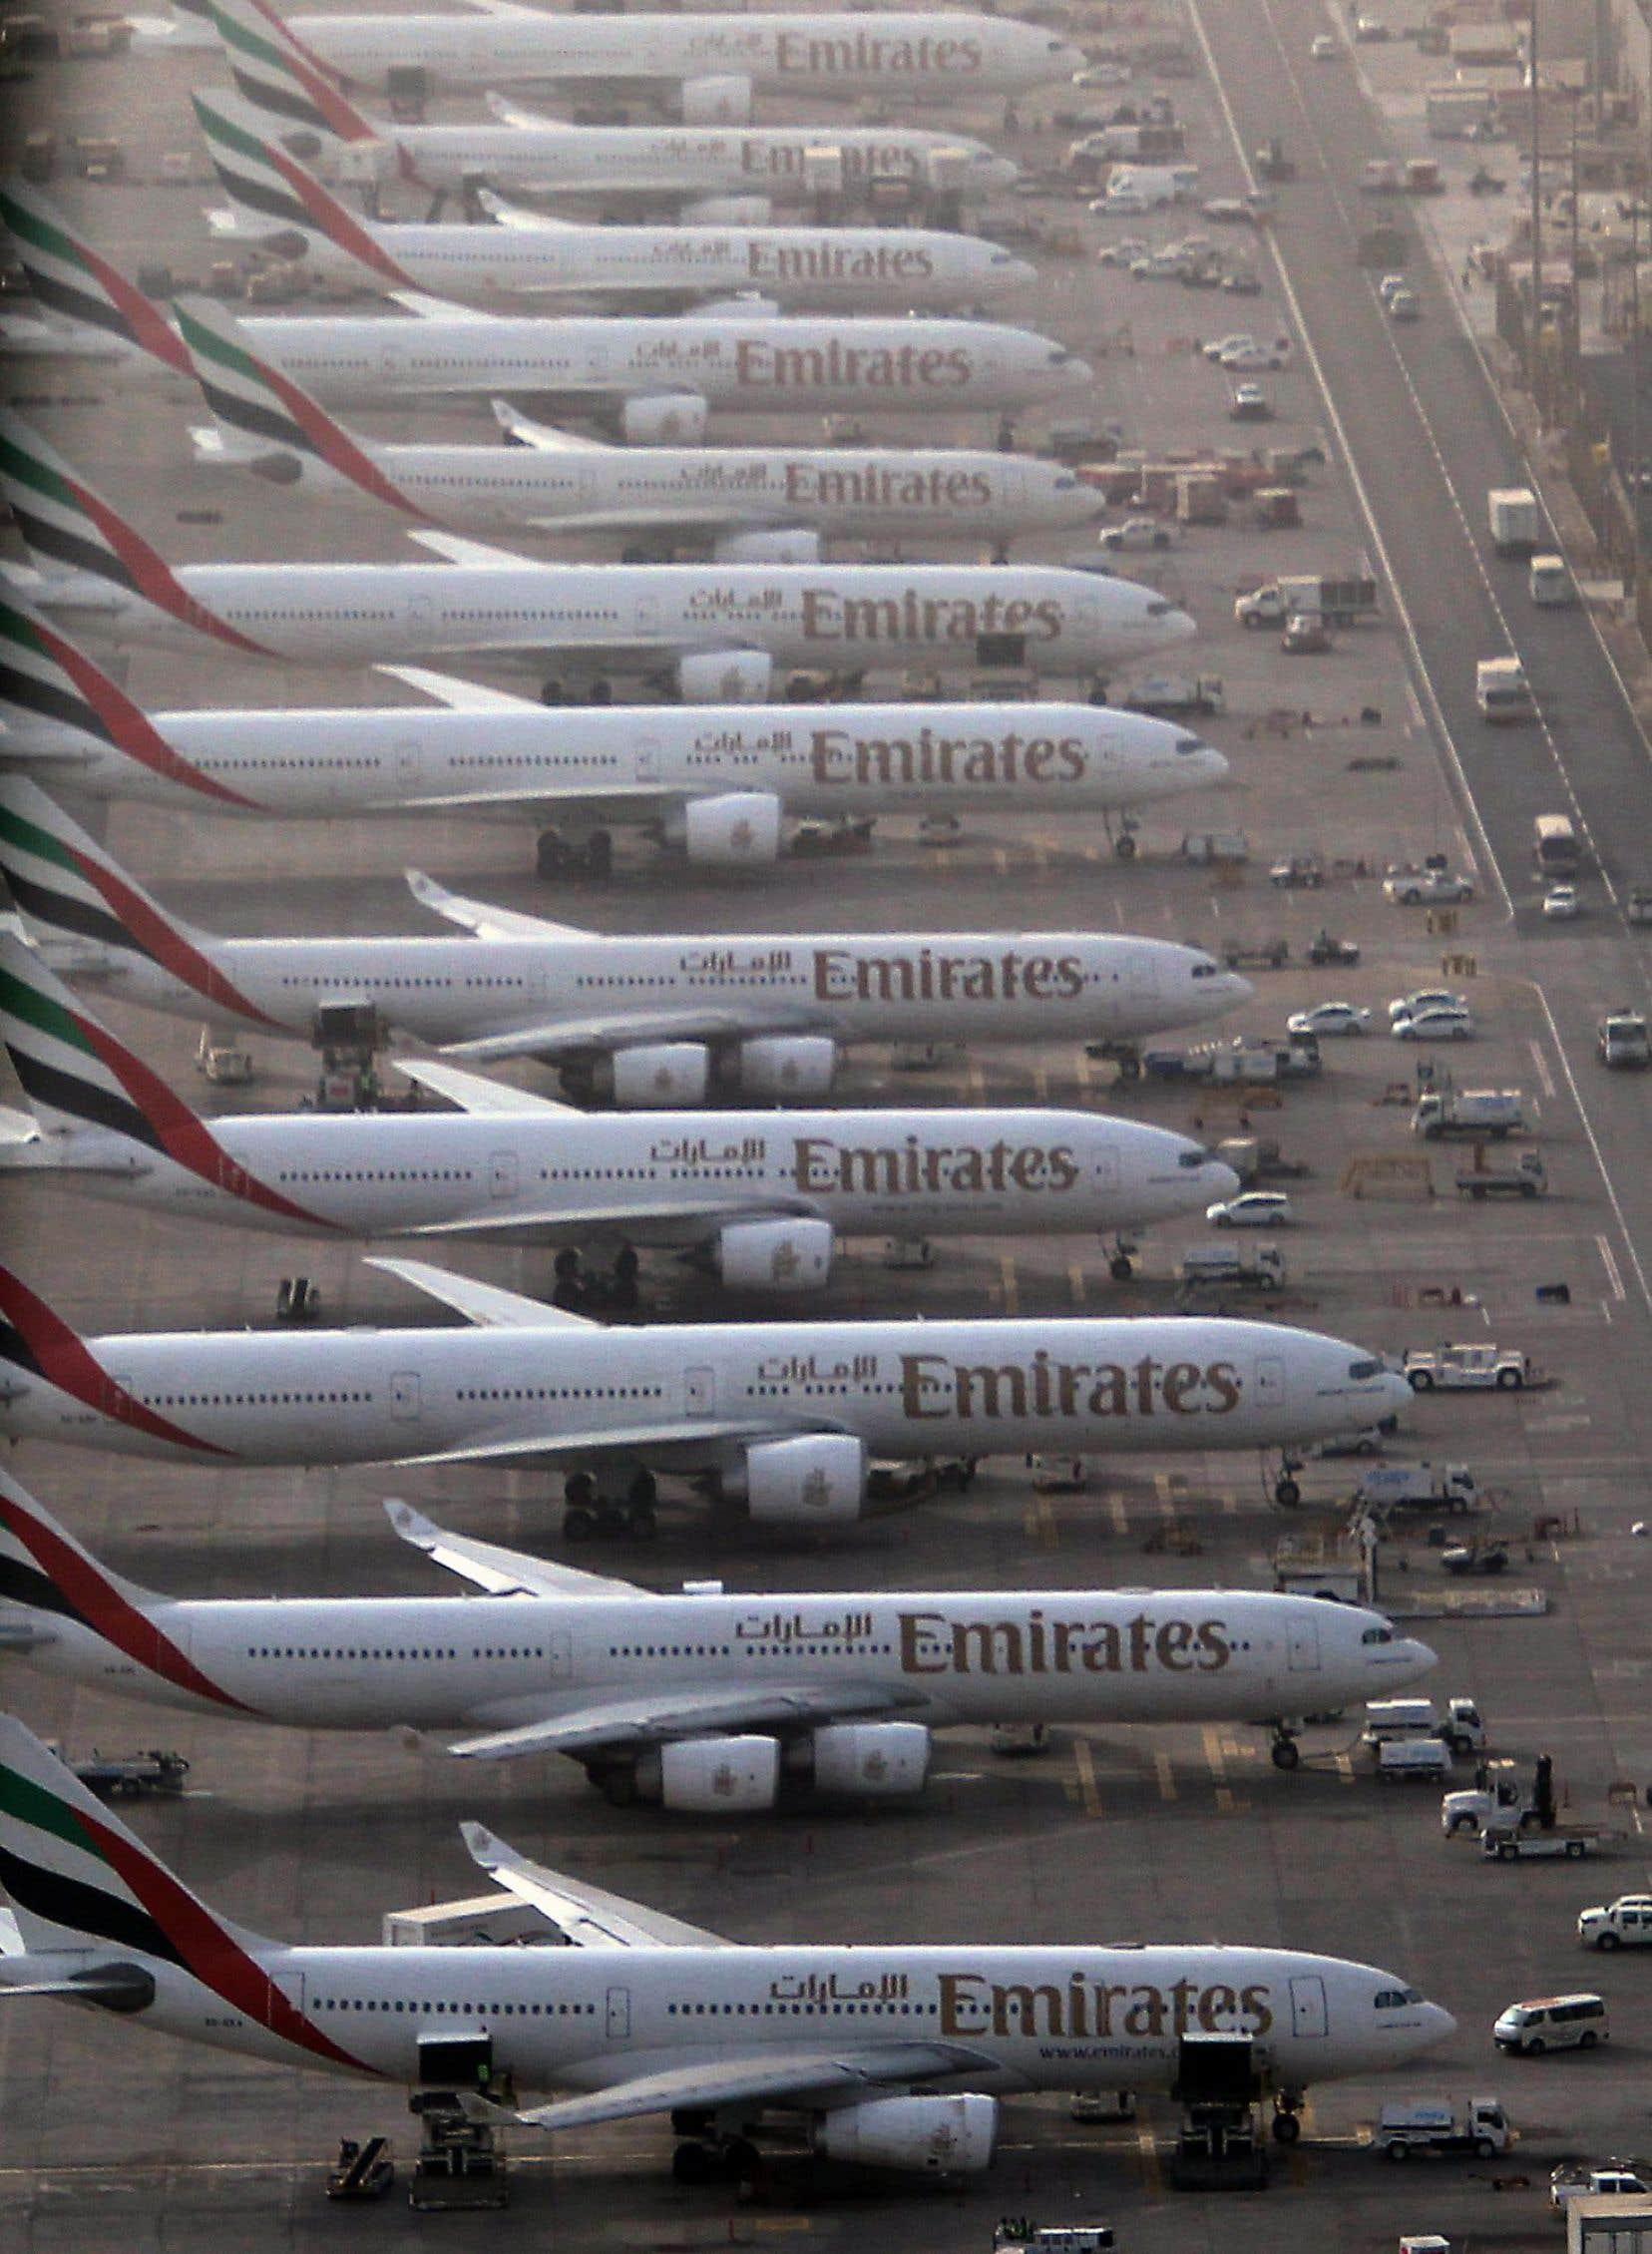 L'aéroport Dubaï International a accueilli 66,4 millions de passagers en 2013 et devrait en voir passer plus de 100 millions d'ici 2020.